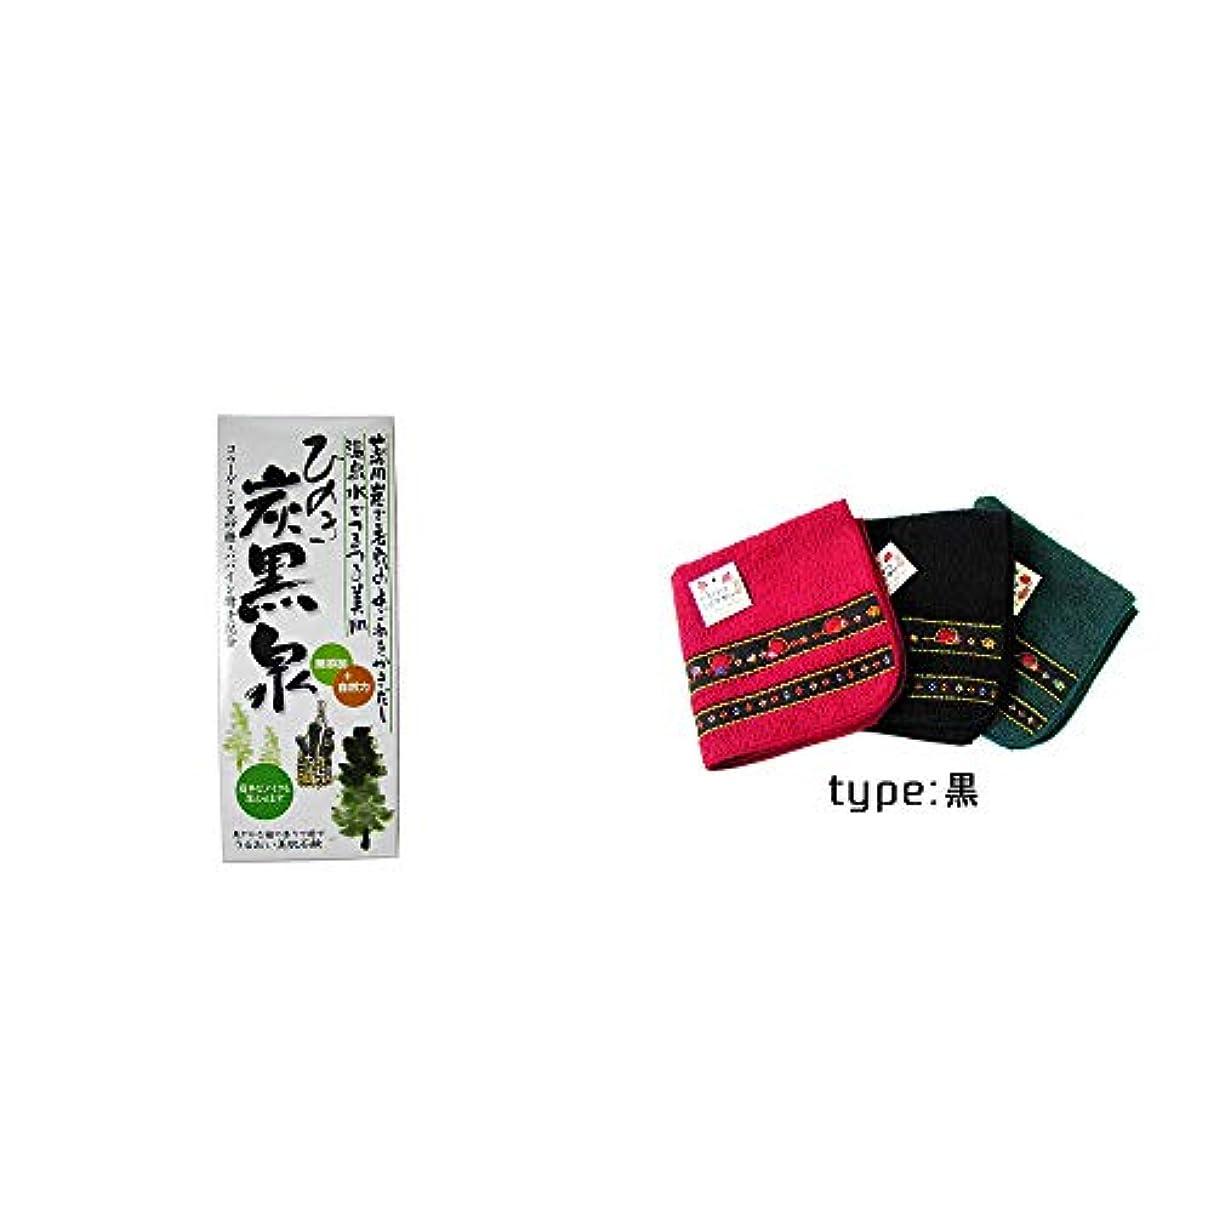 変色する専制ホーン[2点セット] ひのき炭黒泉 箱入り(75g×3)?さるぼぼ 刺繍ミニタオル【黒】